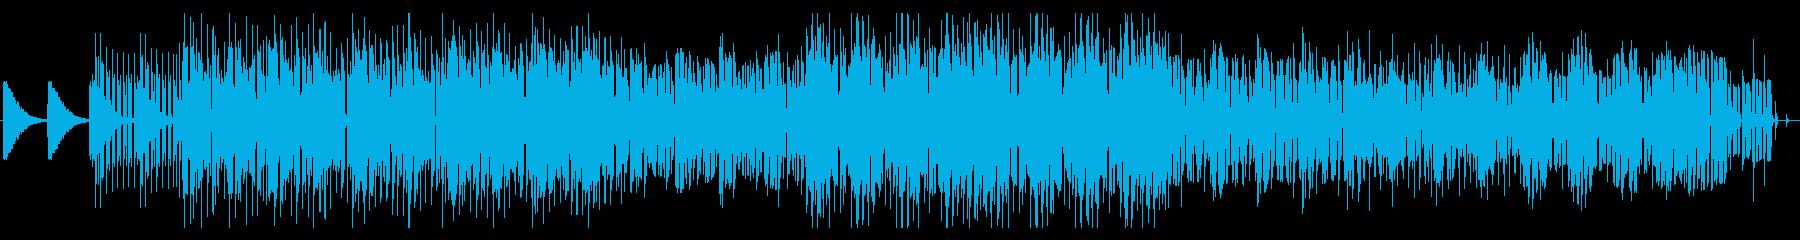 ピアノとボコーダーが印象的なEDMの再生済みの波形